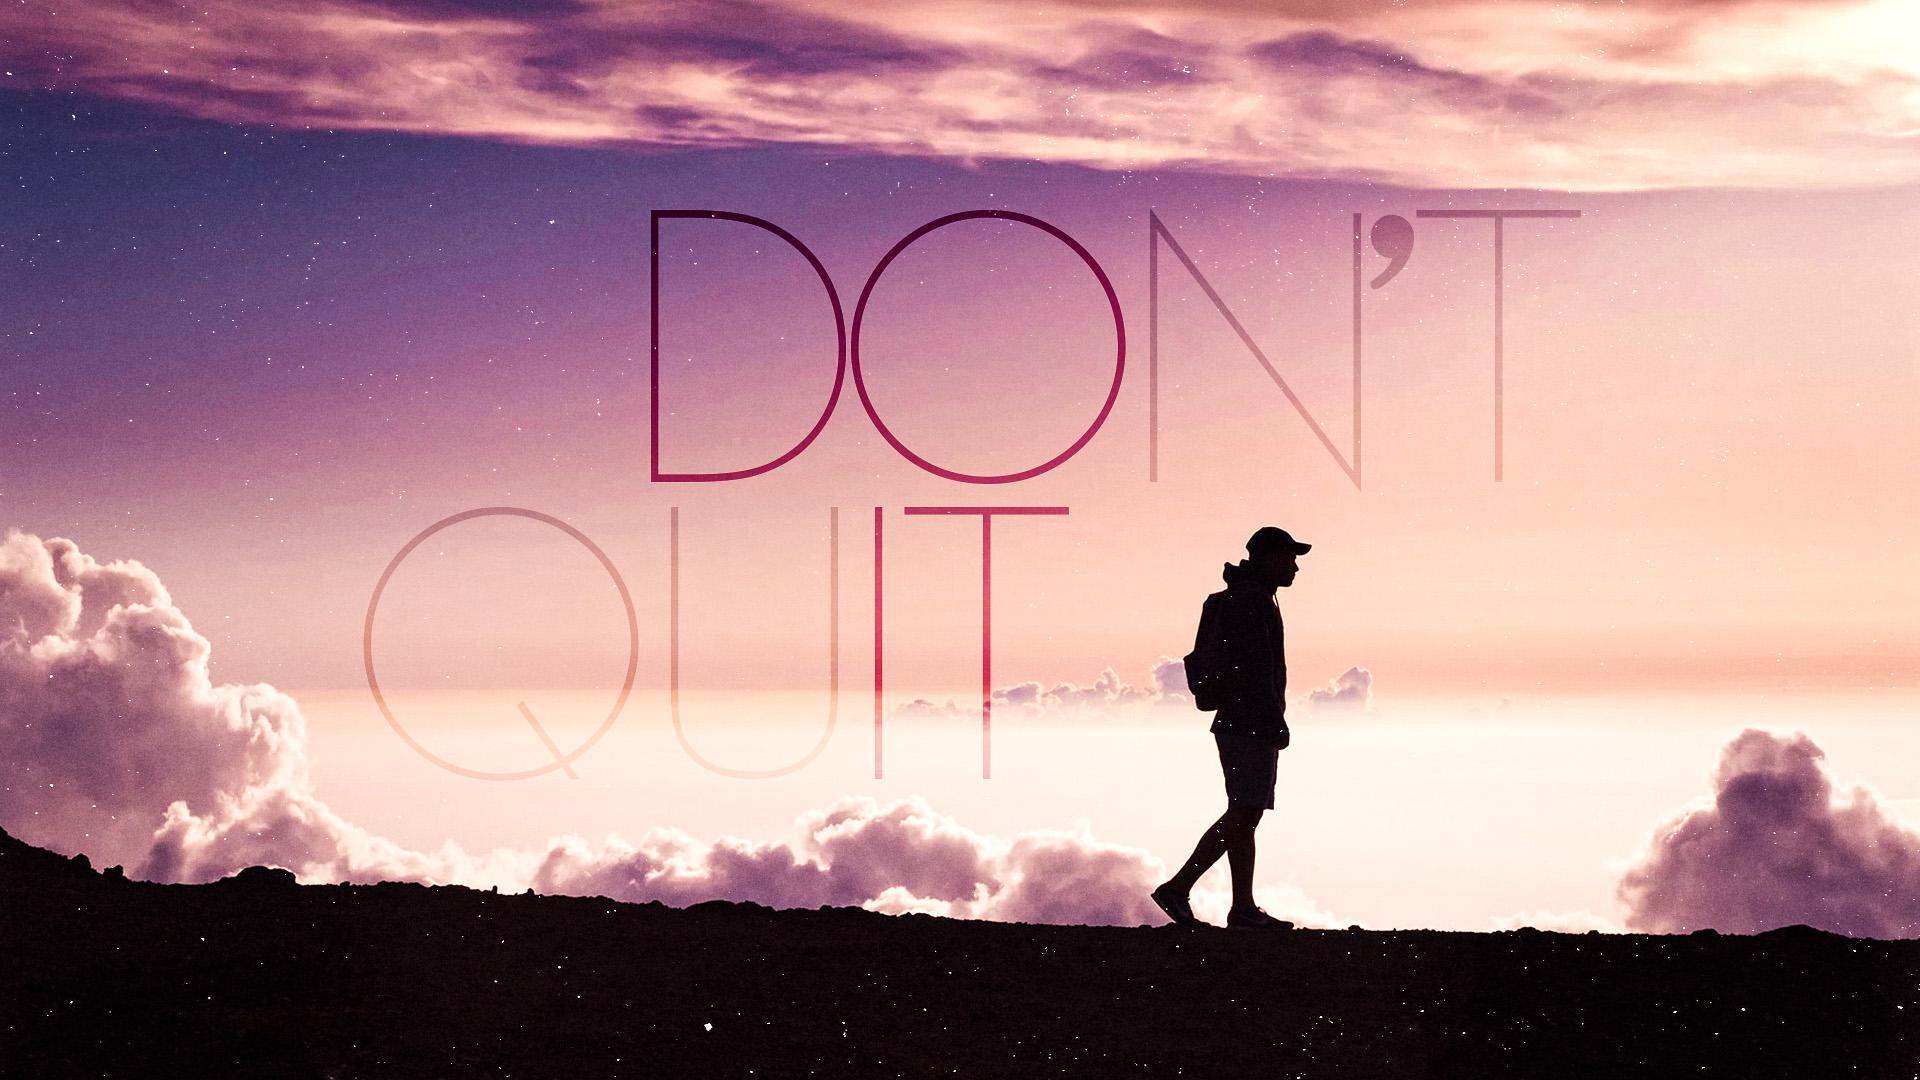 free motivational wallpaper – don't quit | unique designswebgrrl